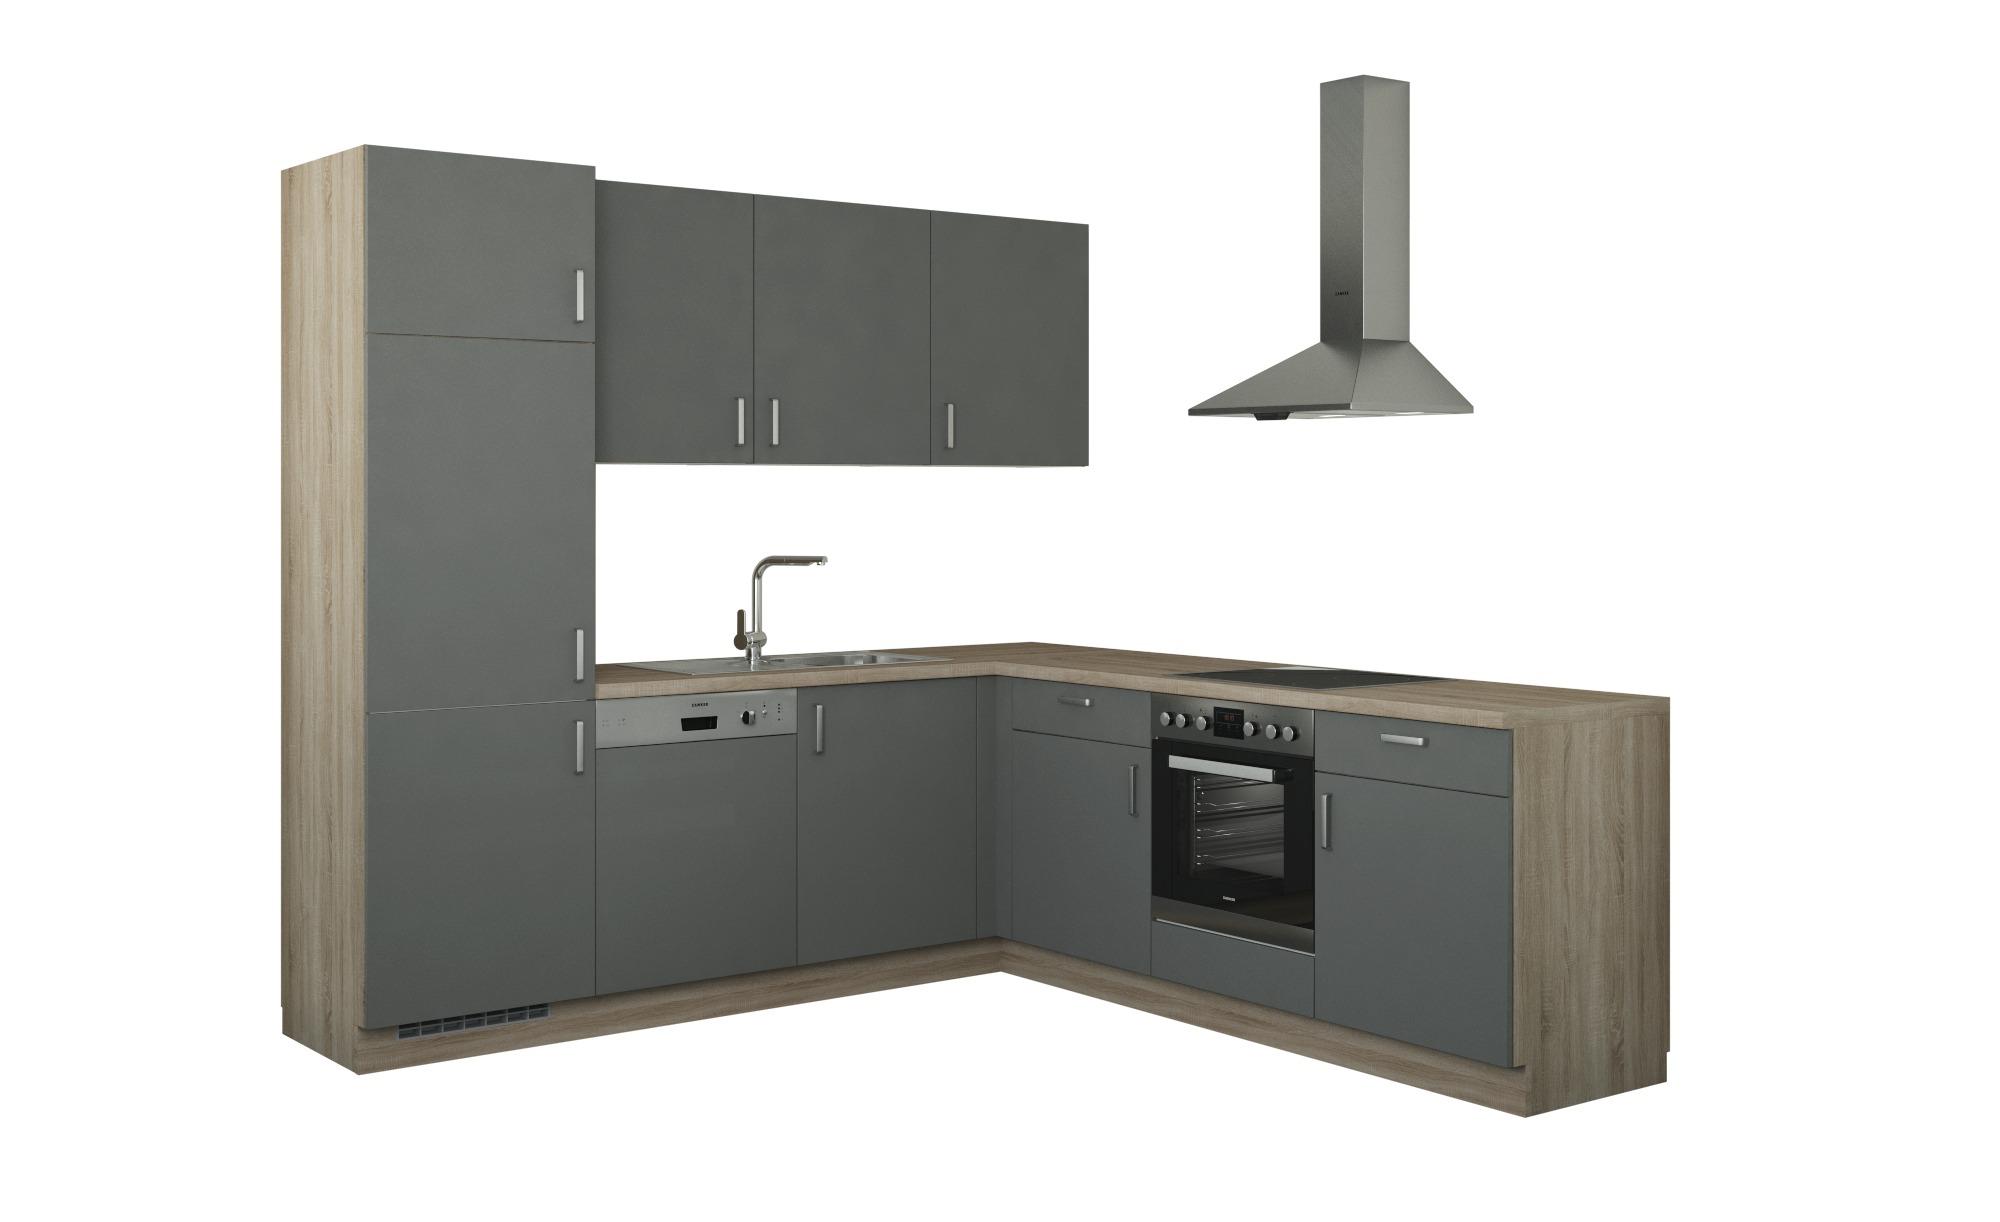 Winkelküche ohne Elektrogeräte  Stuttgart Küchen > Küchenblöcke ohne E-Geräte - Höffner